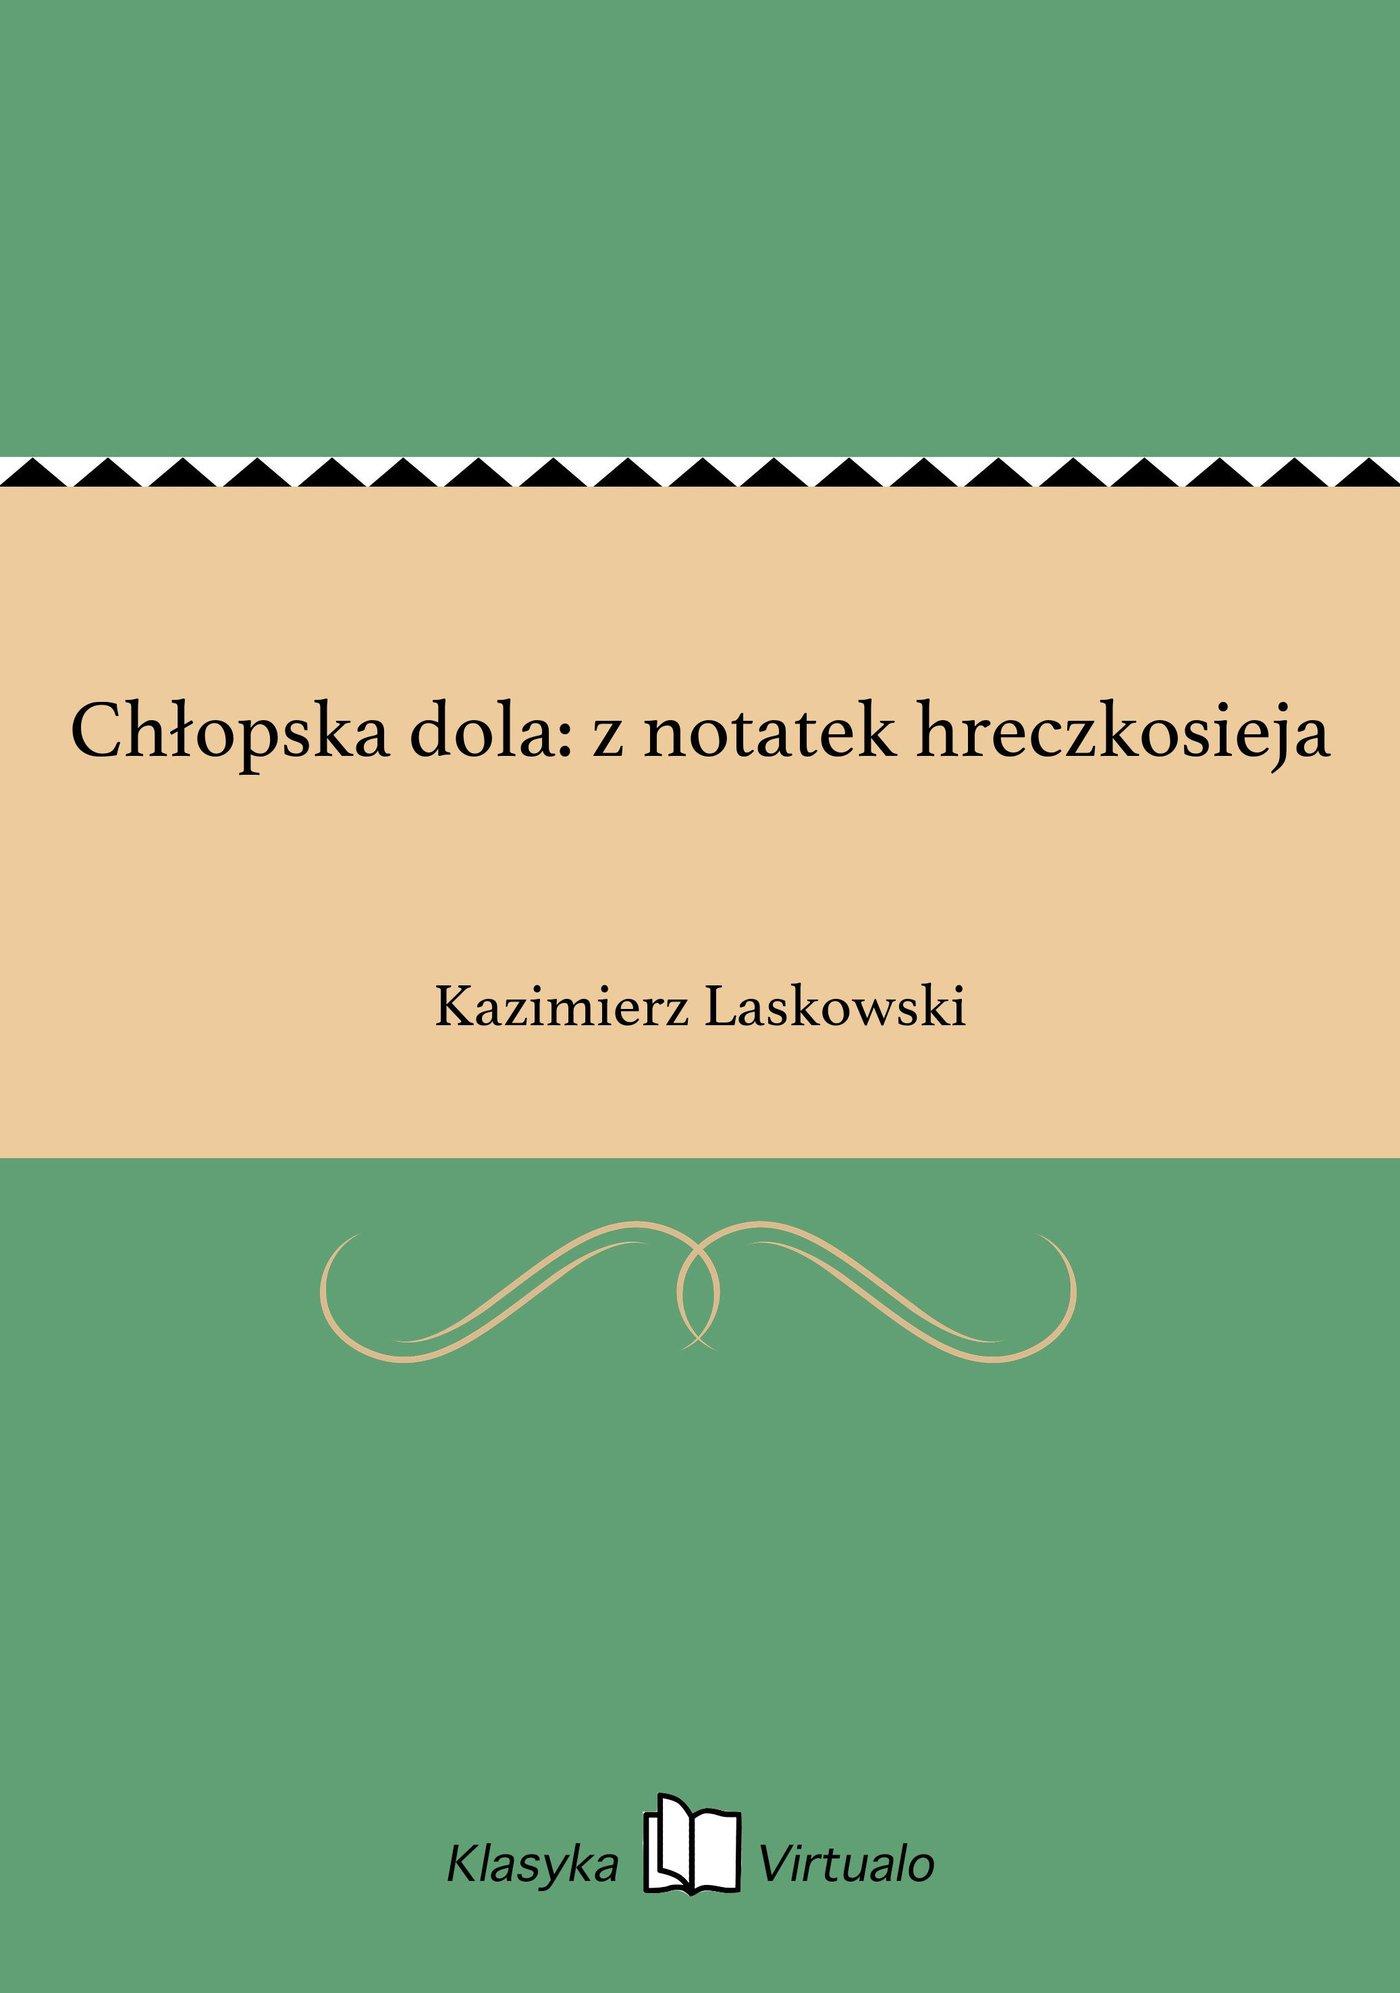 Chłopska dola: z notatek hreczkosieja - Ebook (Książka na Kindle) do pobrania w formacie MOBI